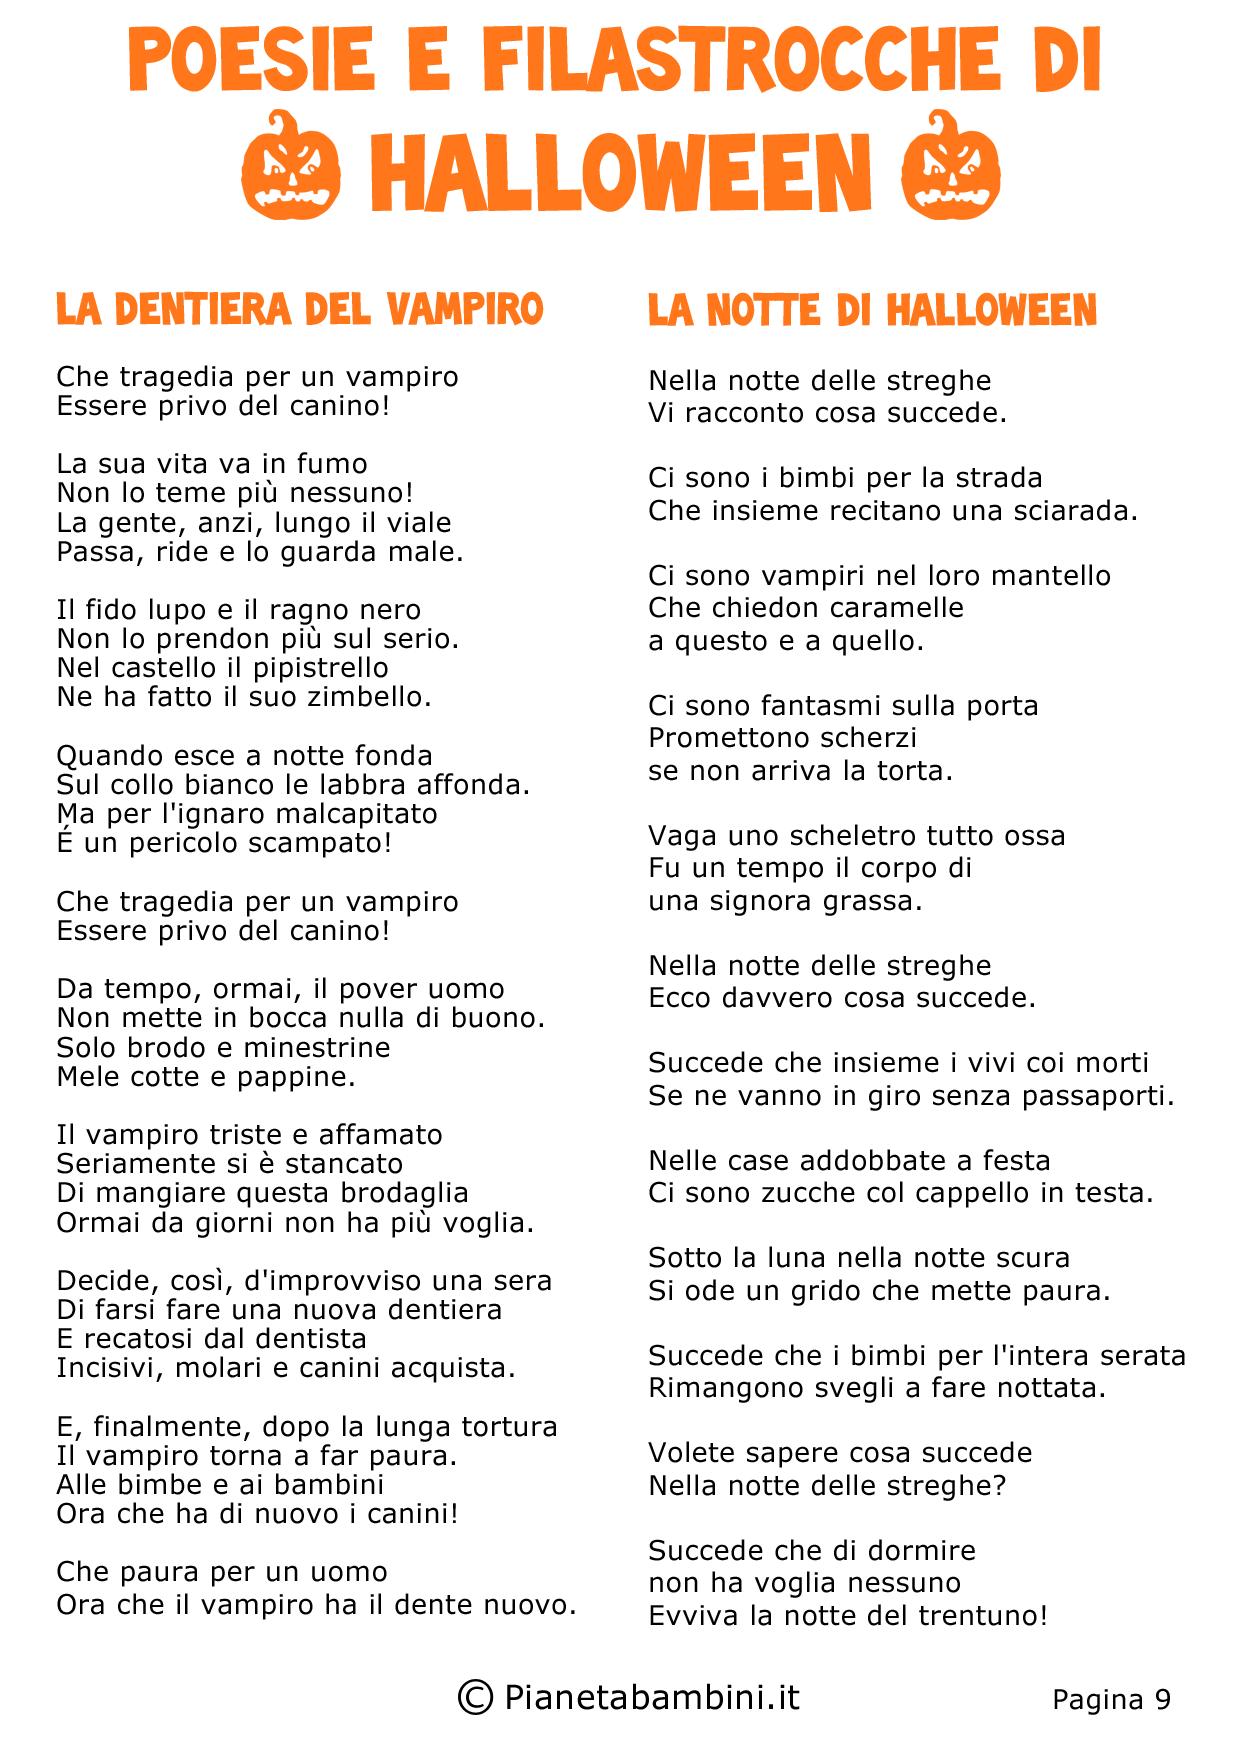 Poesie-Filastrocche-Halloween-9